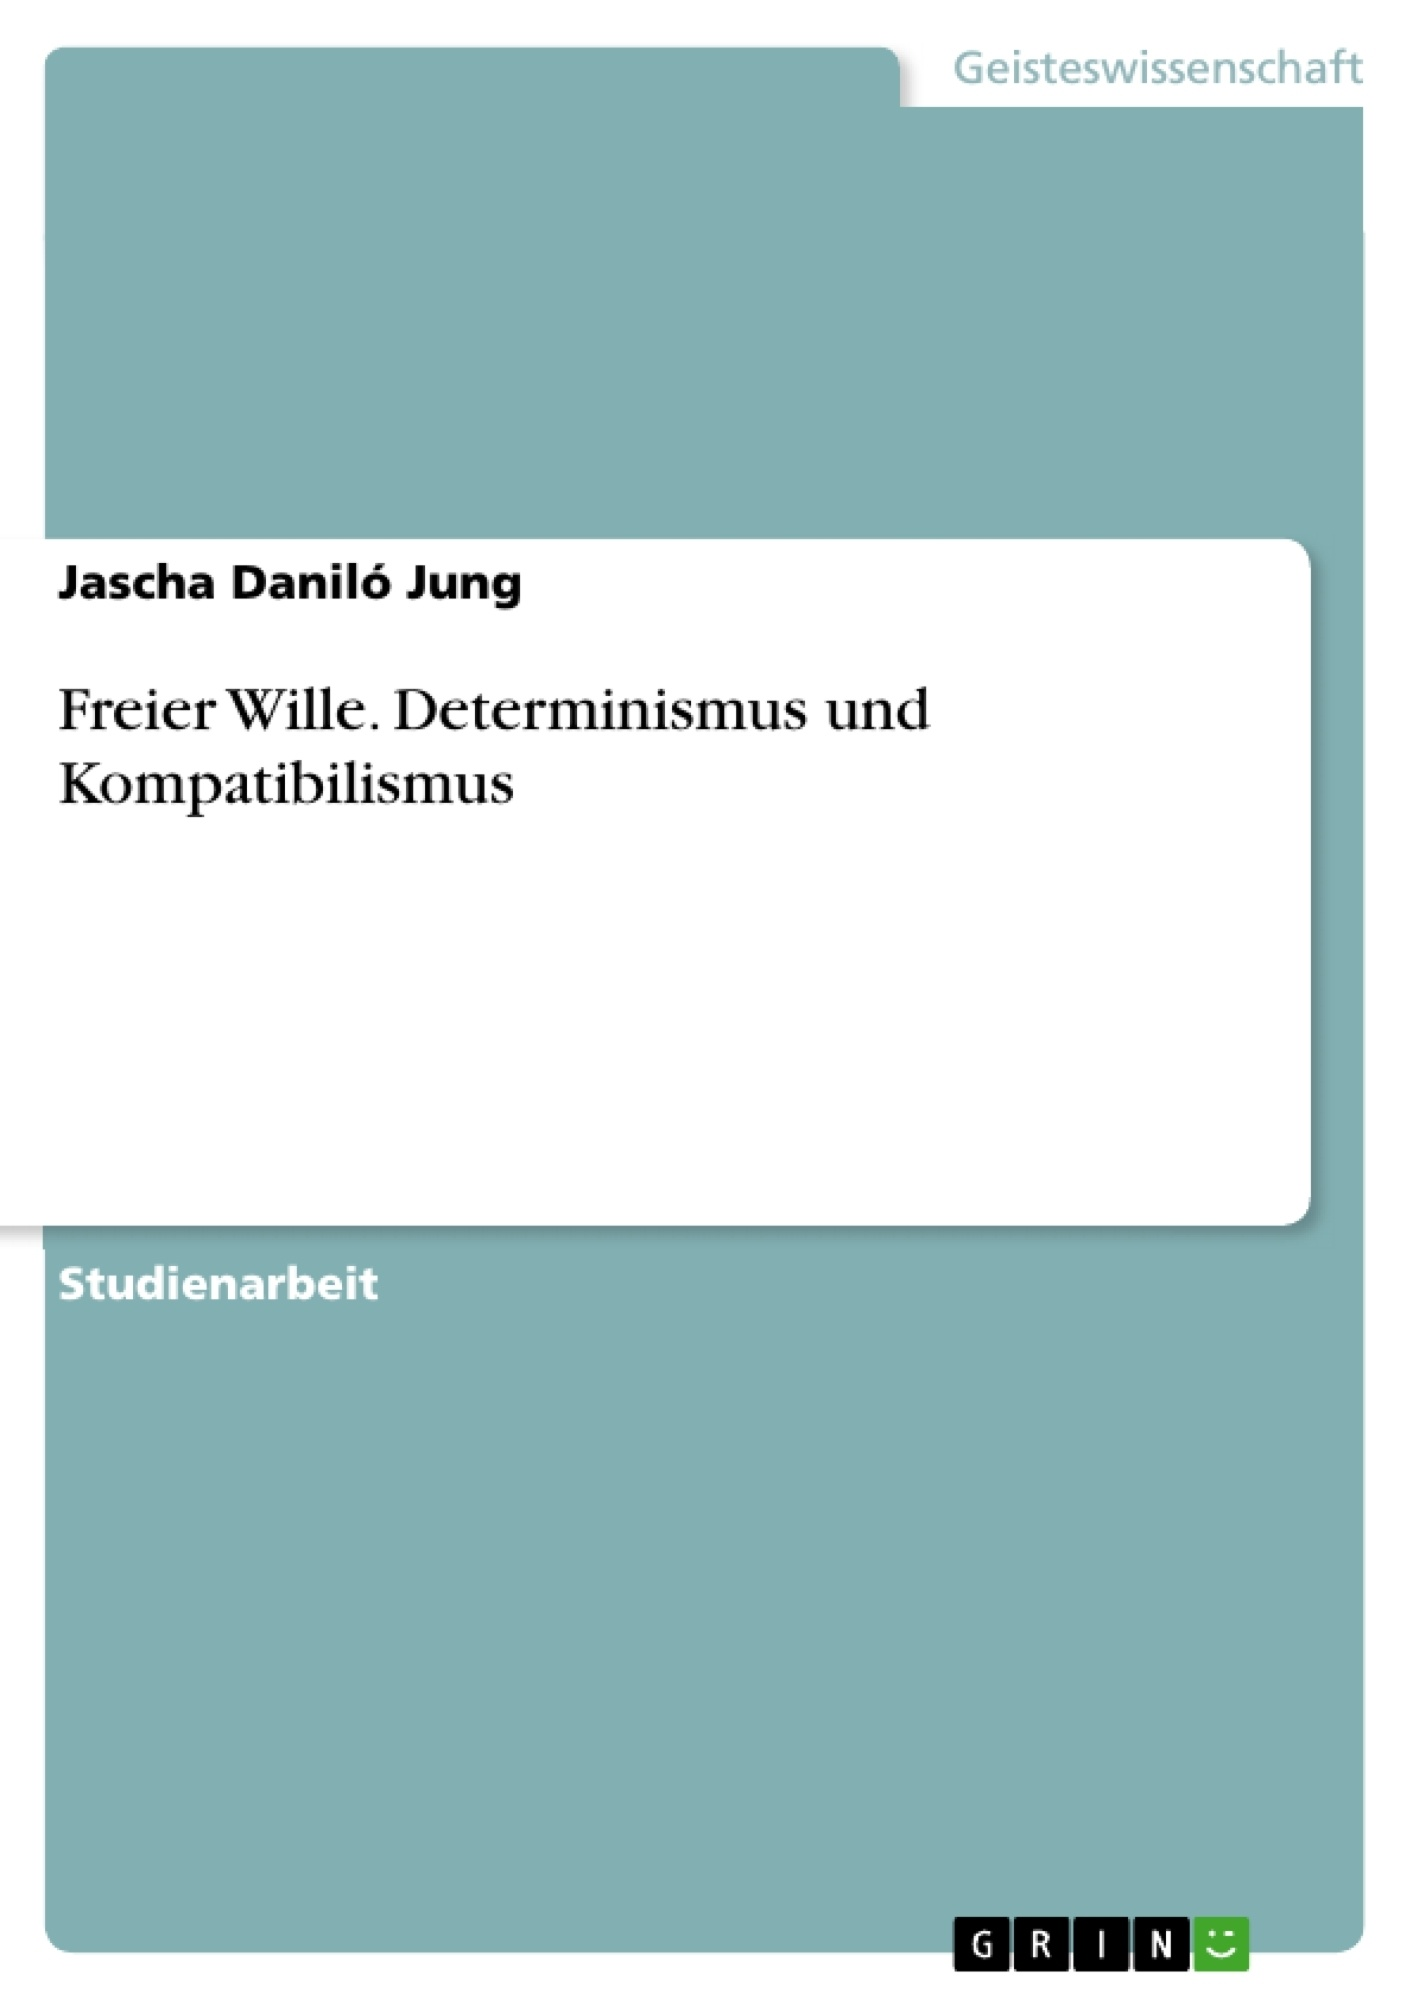 Titel: Freier Wille. Determinismus und Kompatibilismus